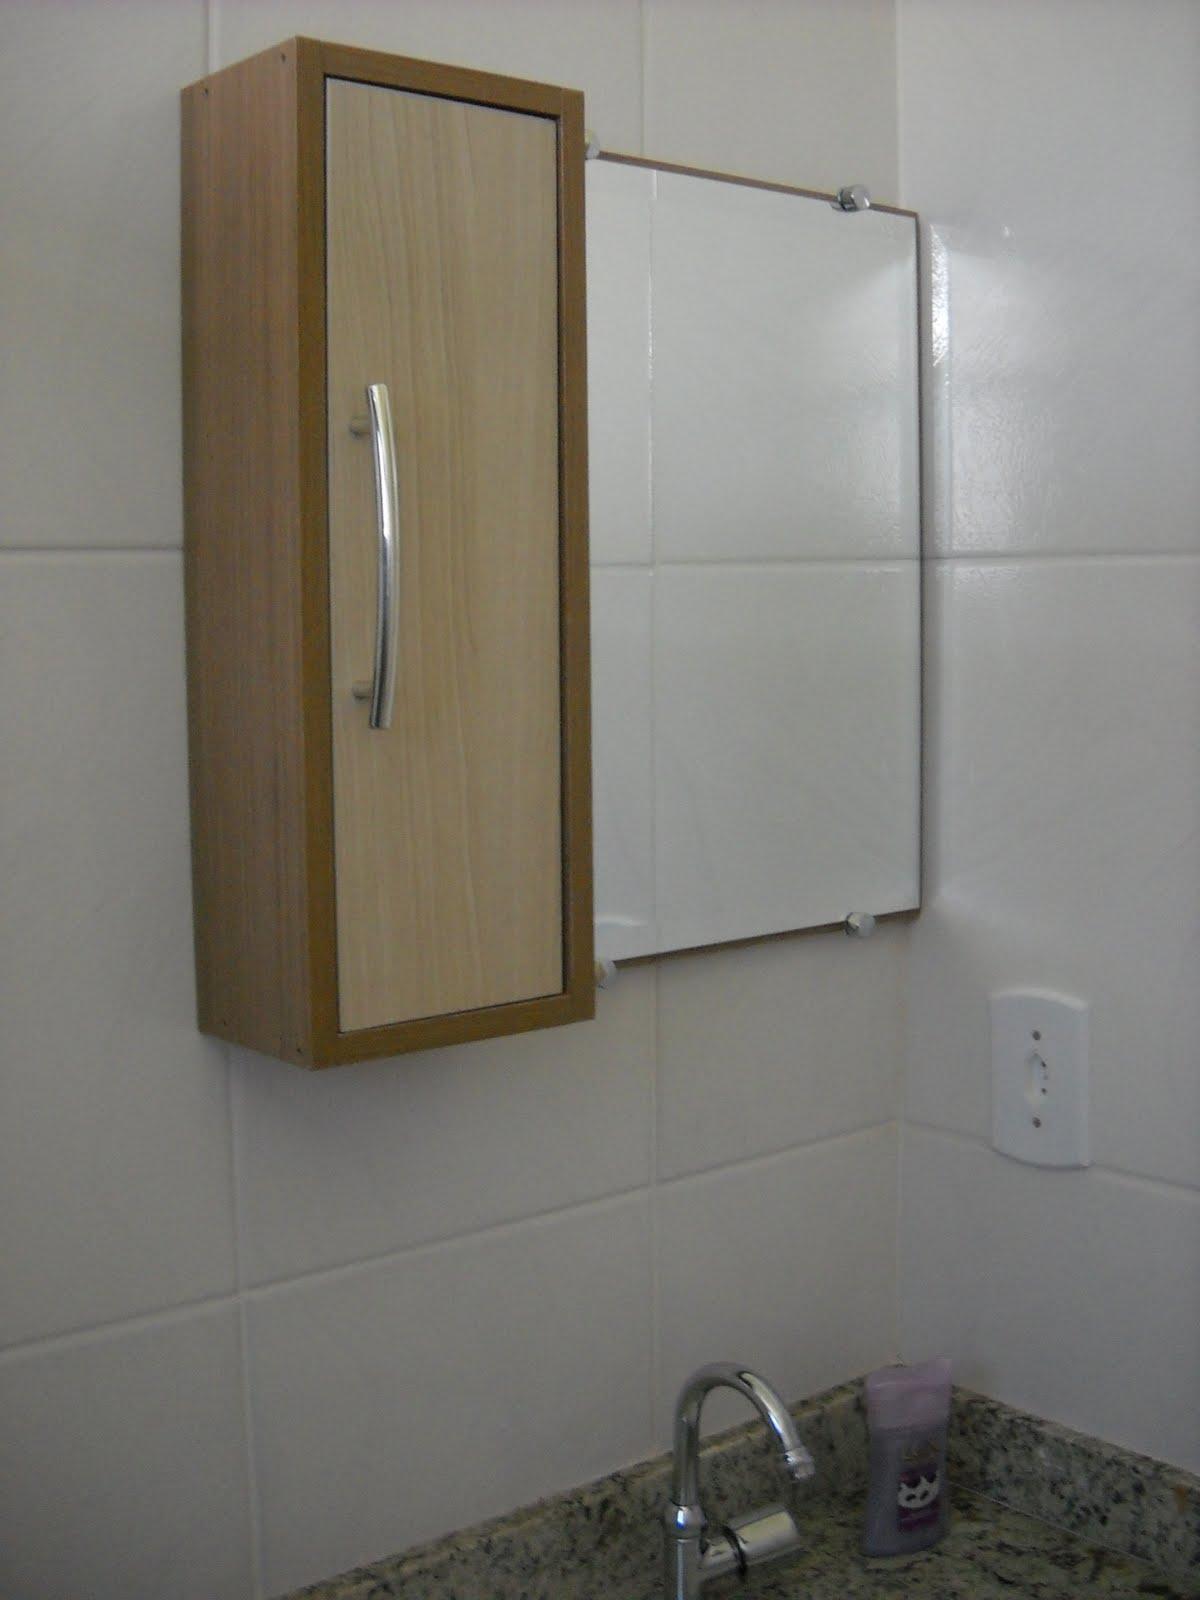 FR Design Móveis planejados: Armário com espelho para banheiro. #5D4B34 1200x1600 Banheiro Armario Com Espelho